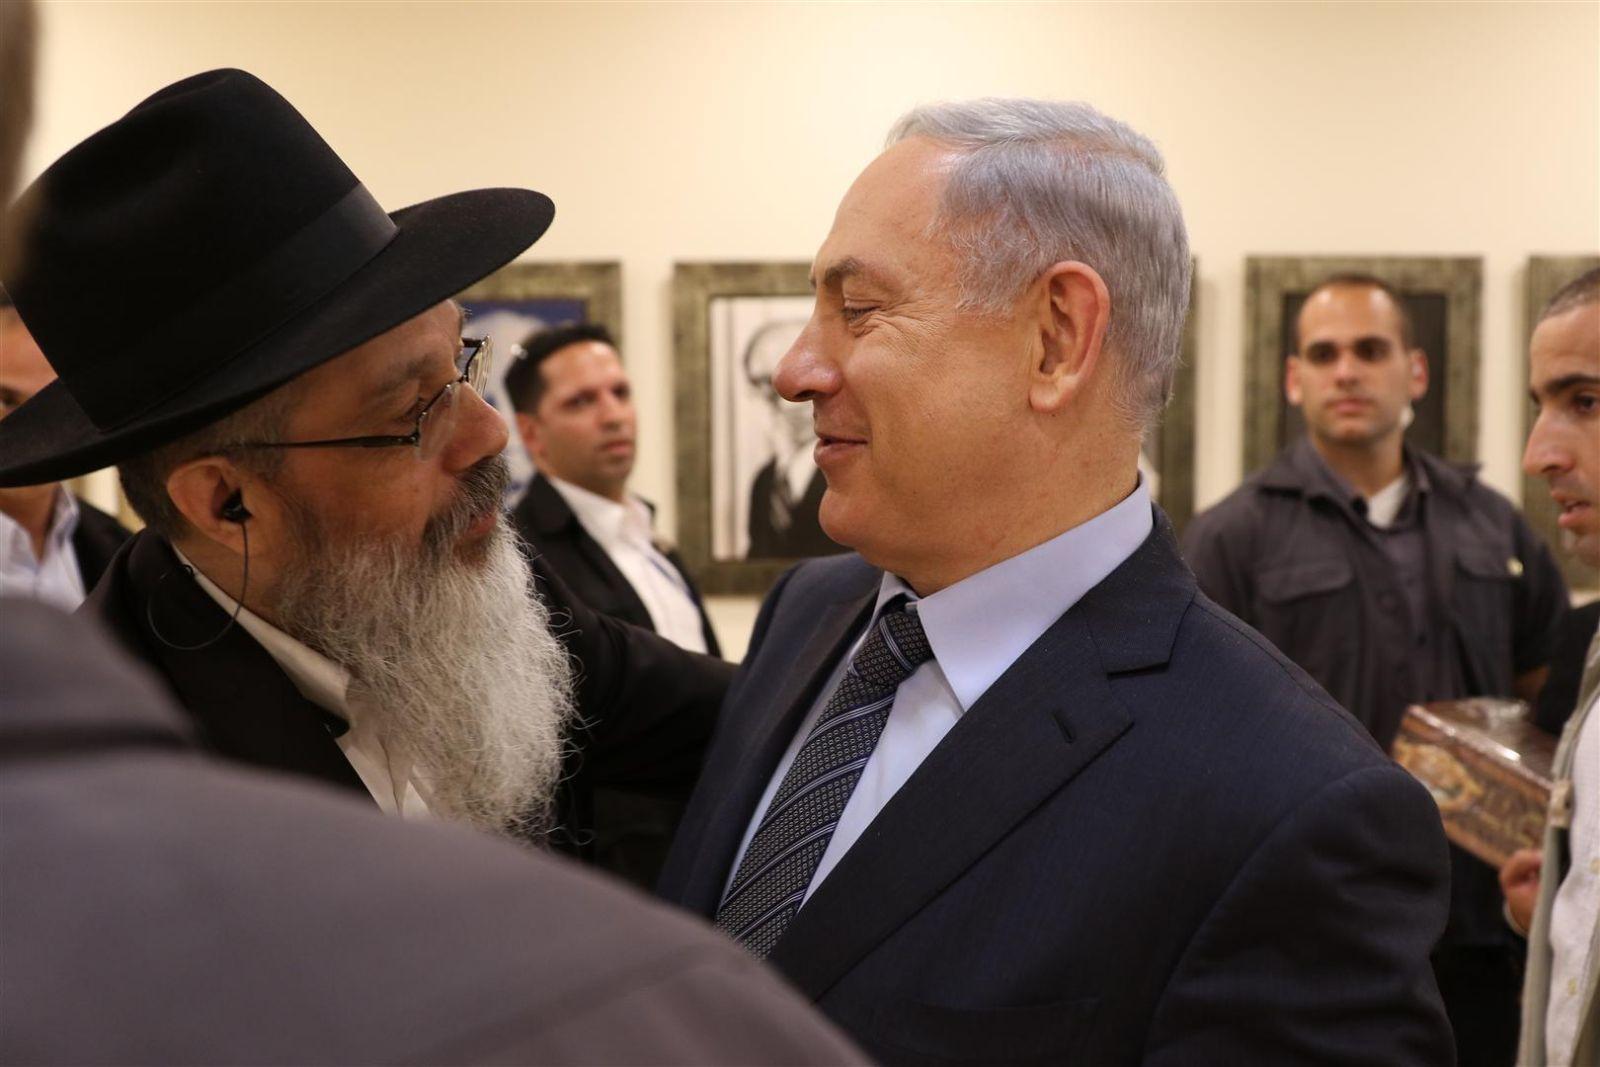 הרב נחשון נפגש עם ראש הממשלה